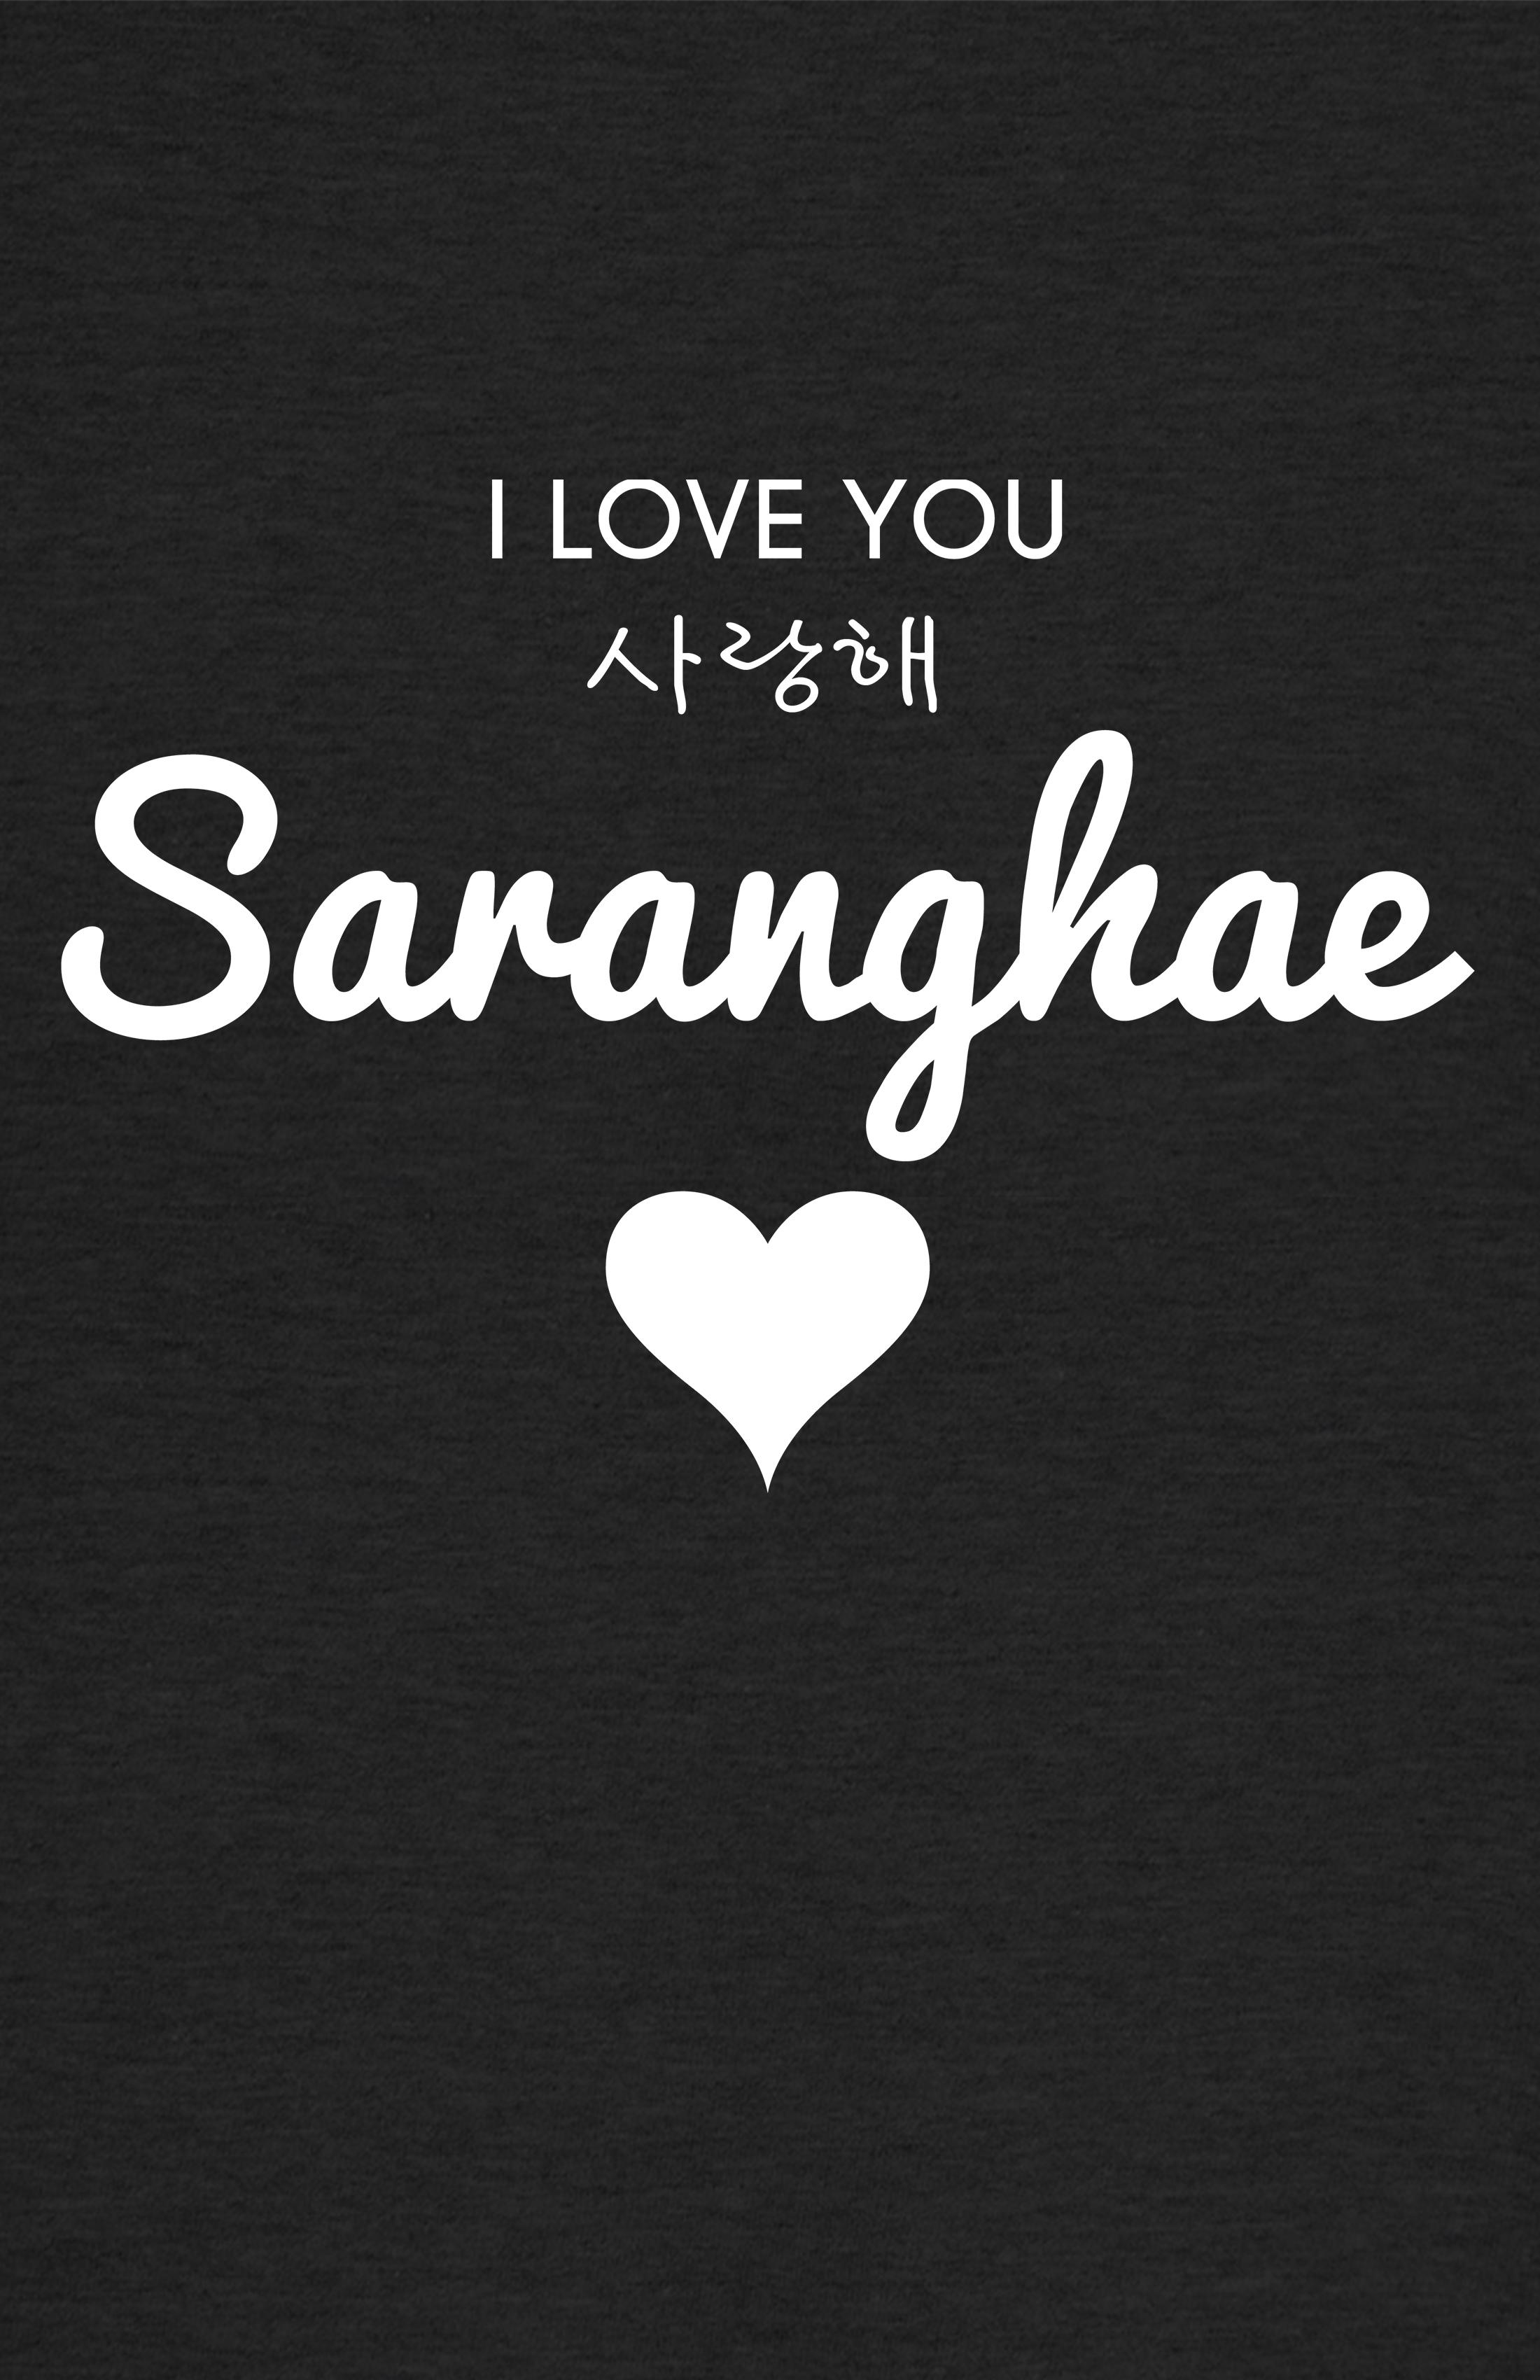 saranghae.jpg